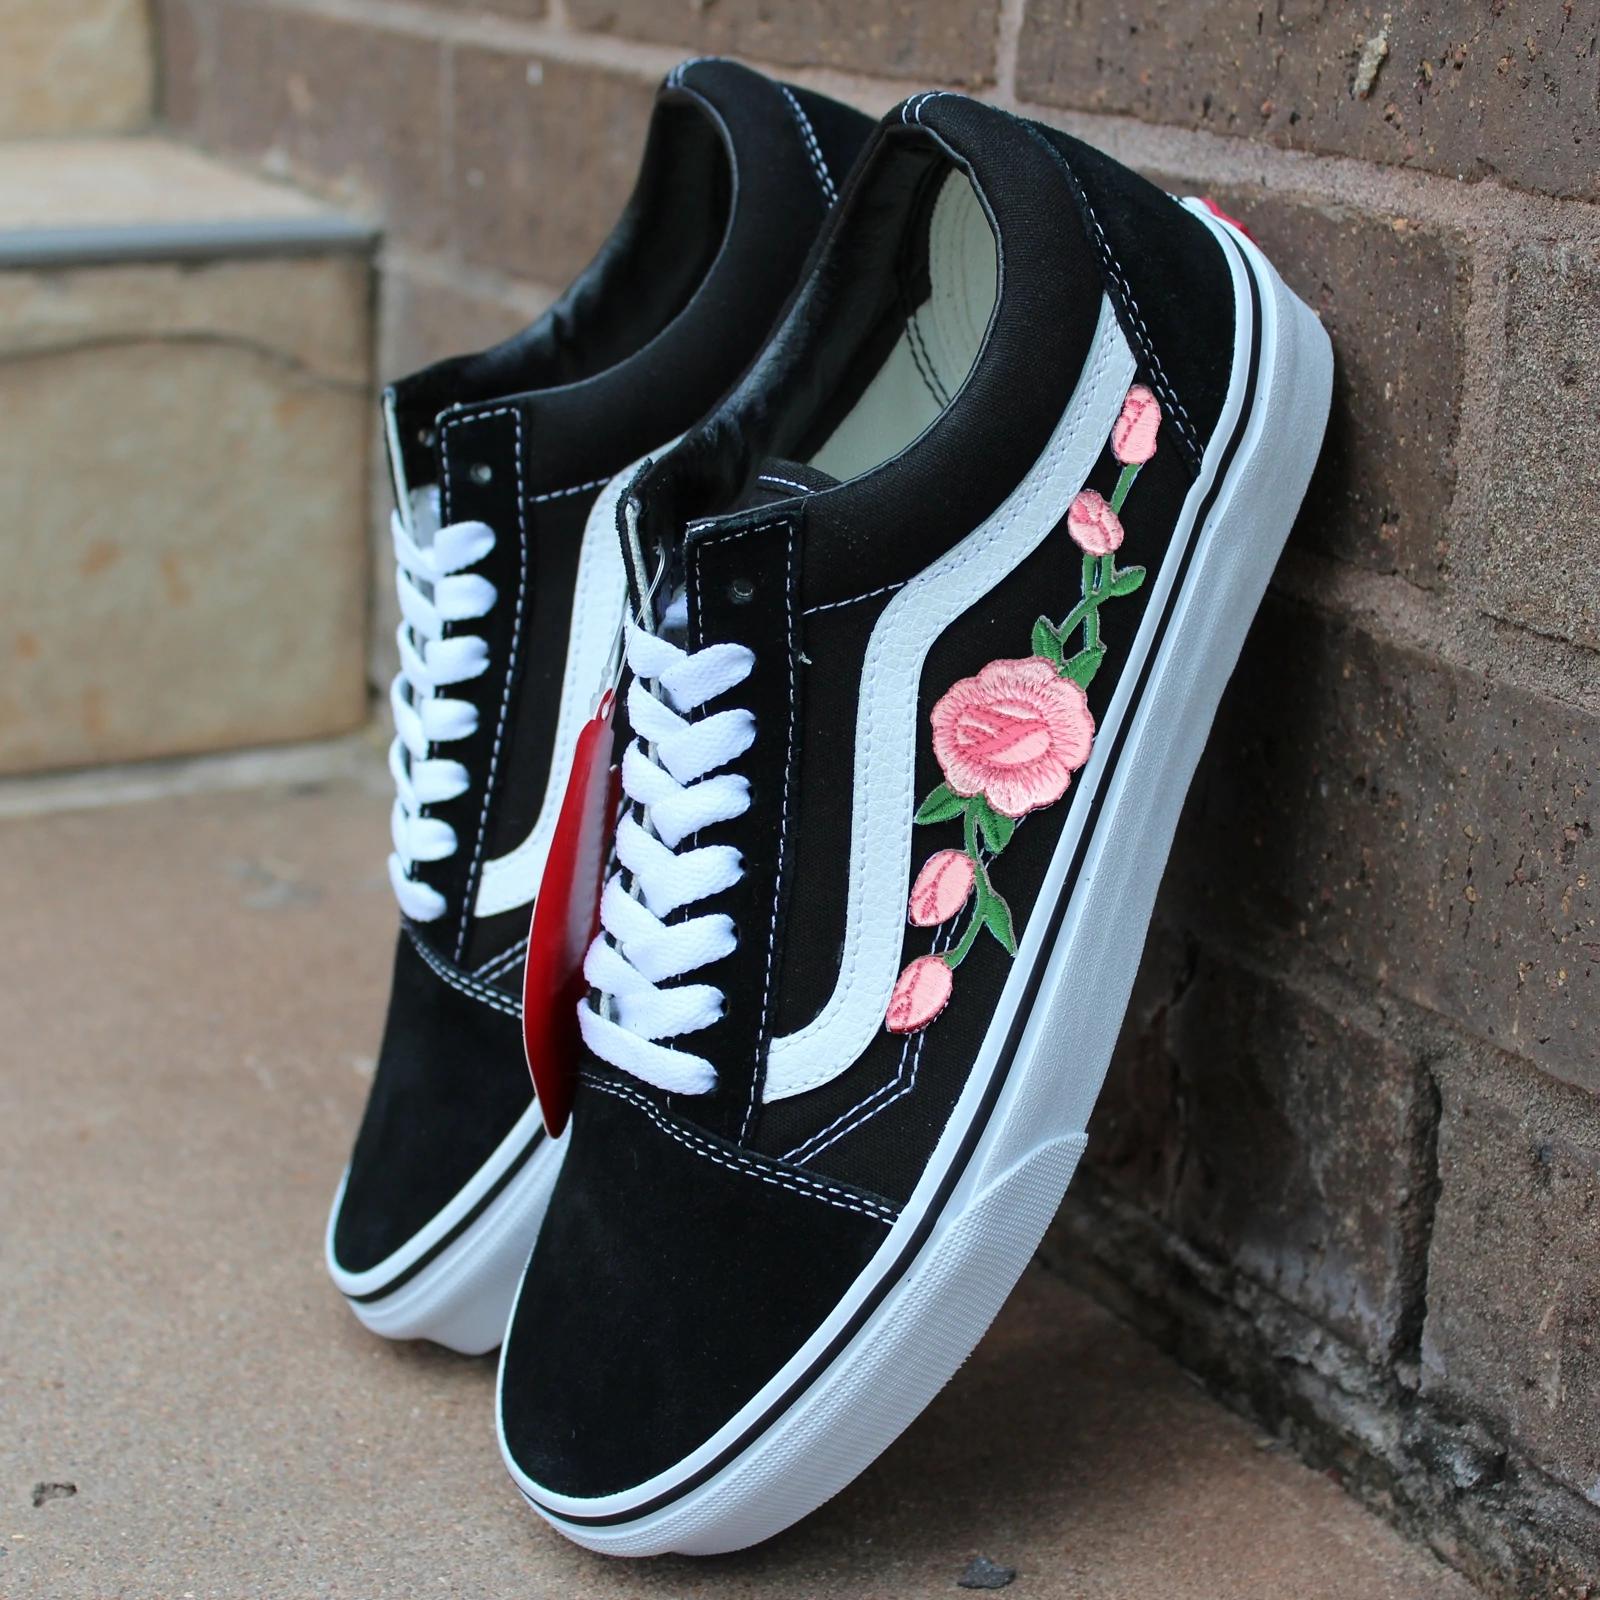 Vans Black Old Skool Pink Rose Custom